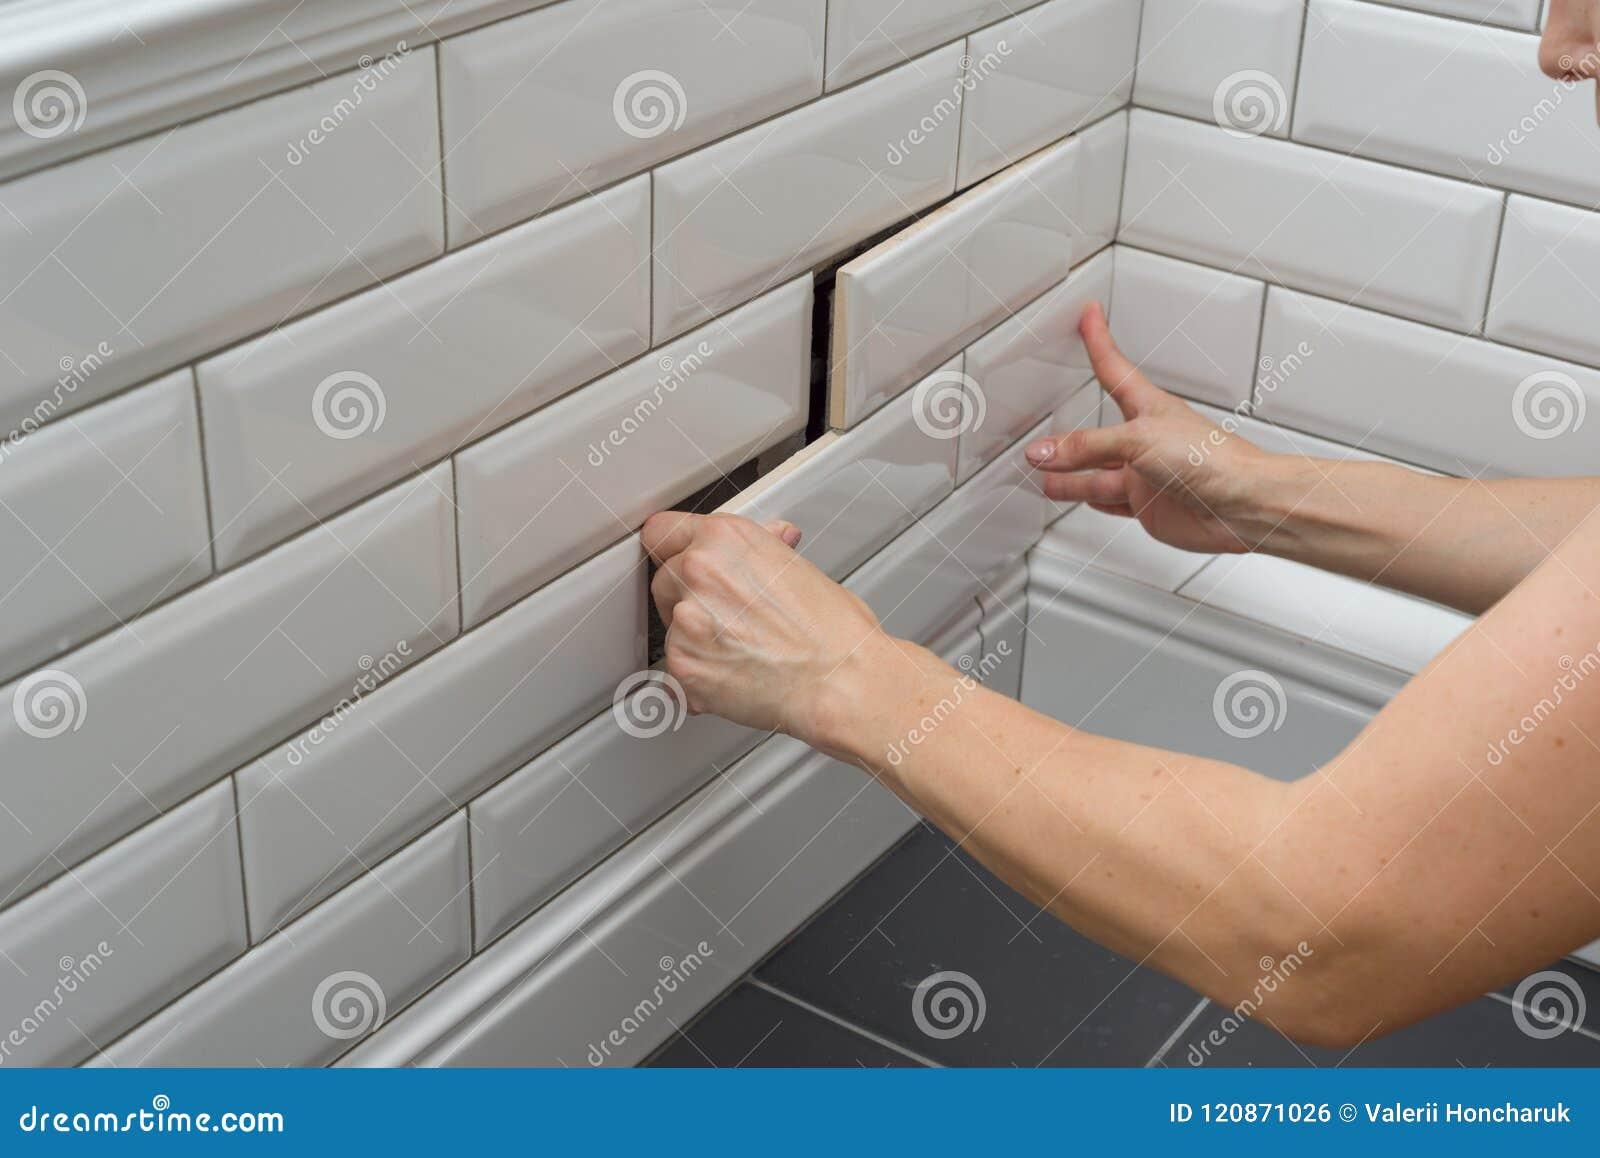 Kobieta otwiera, zamyka chowanego przeglądu sanitarnego ląg na ścianie płytka pod łazienką,